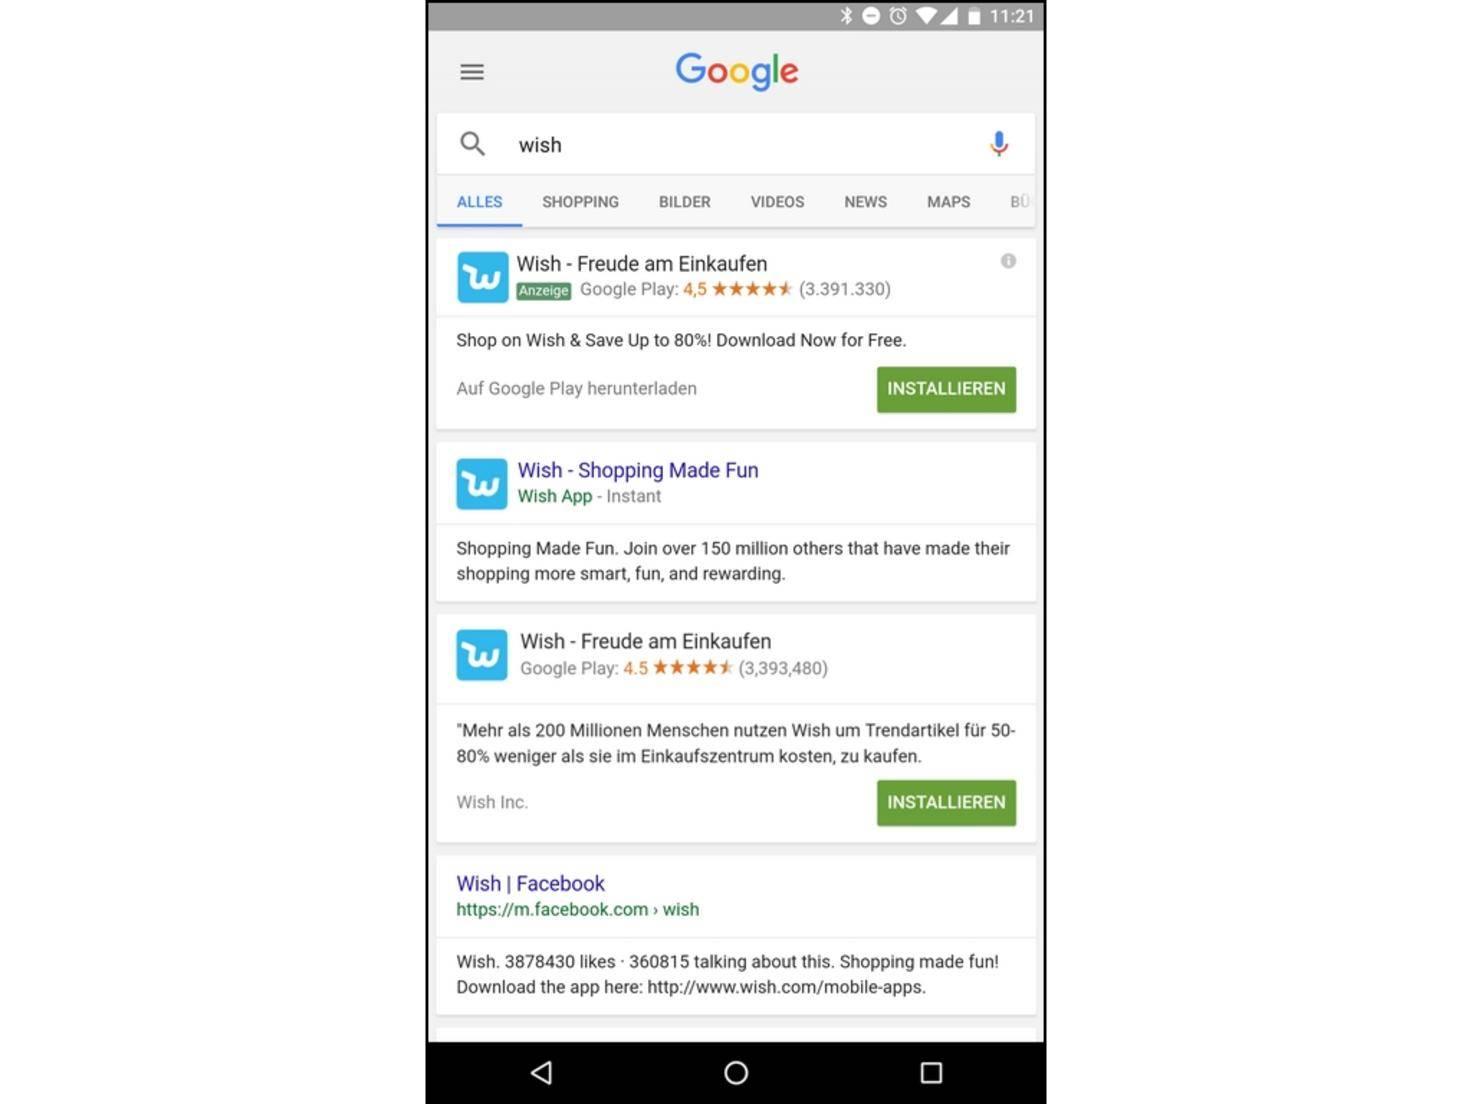 In der Google-Suche erscheint Wish auch als Instant App.